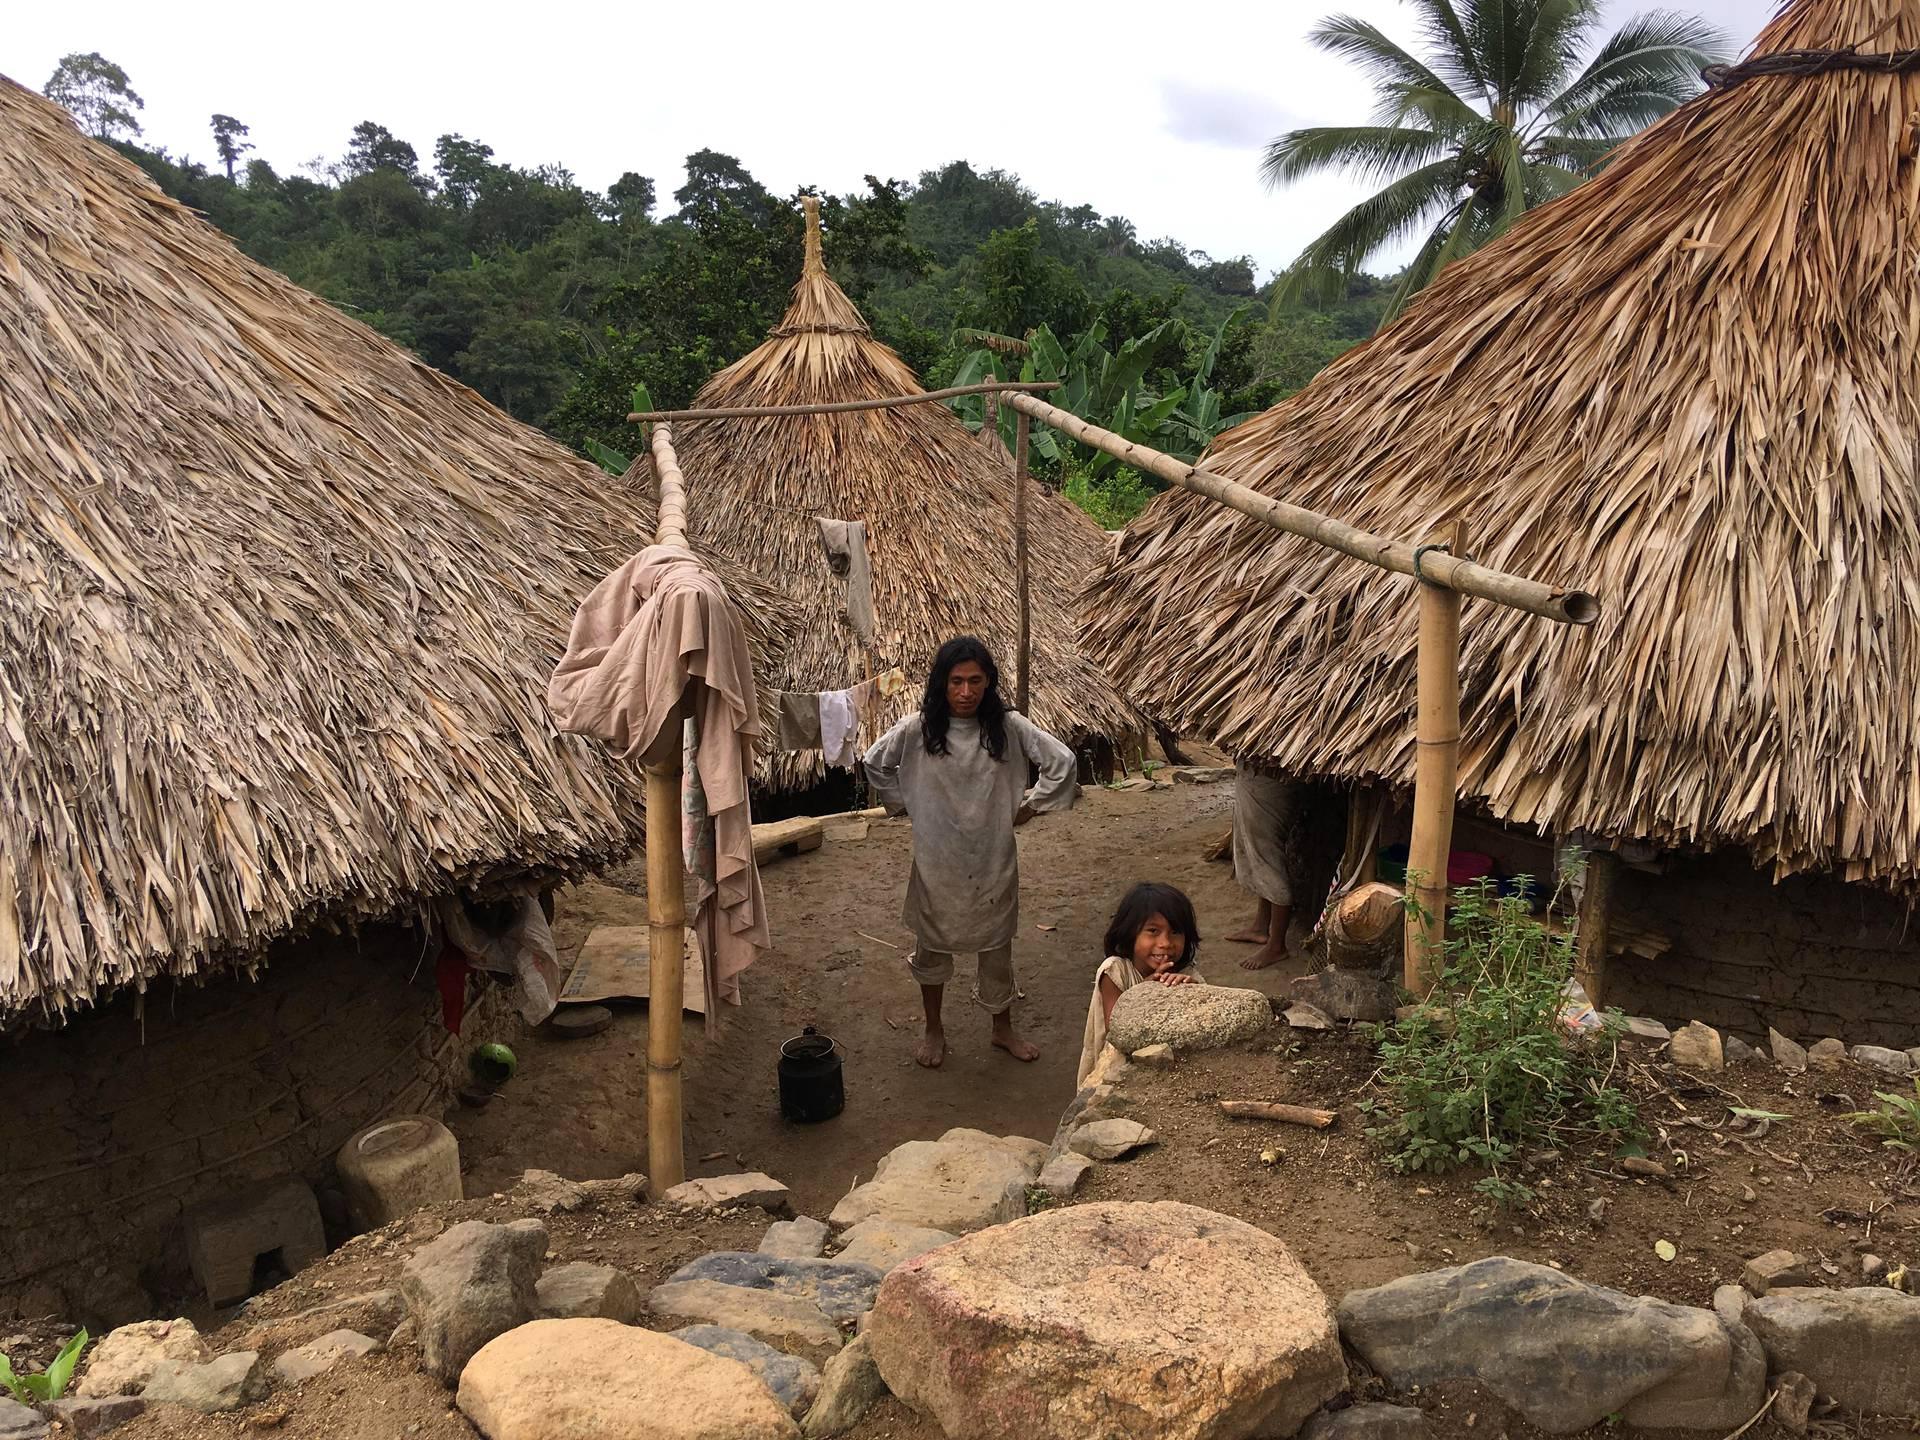 Kogeja asuu tässä kylässä noin 100. Kogien talot on tehty savesta ja palmunoksista.